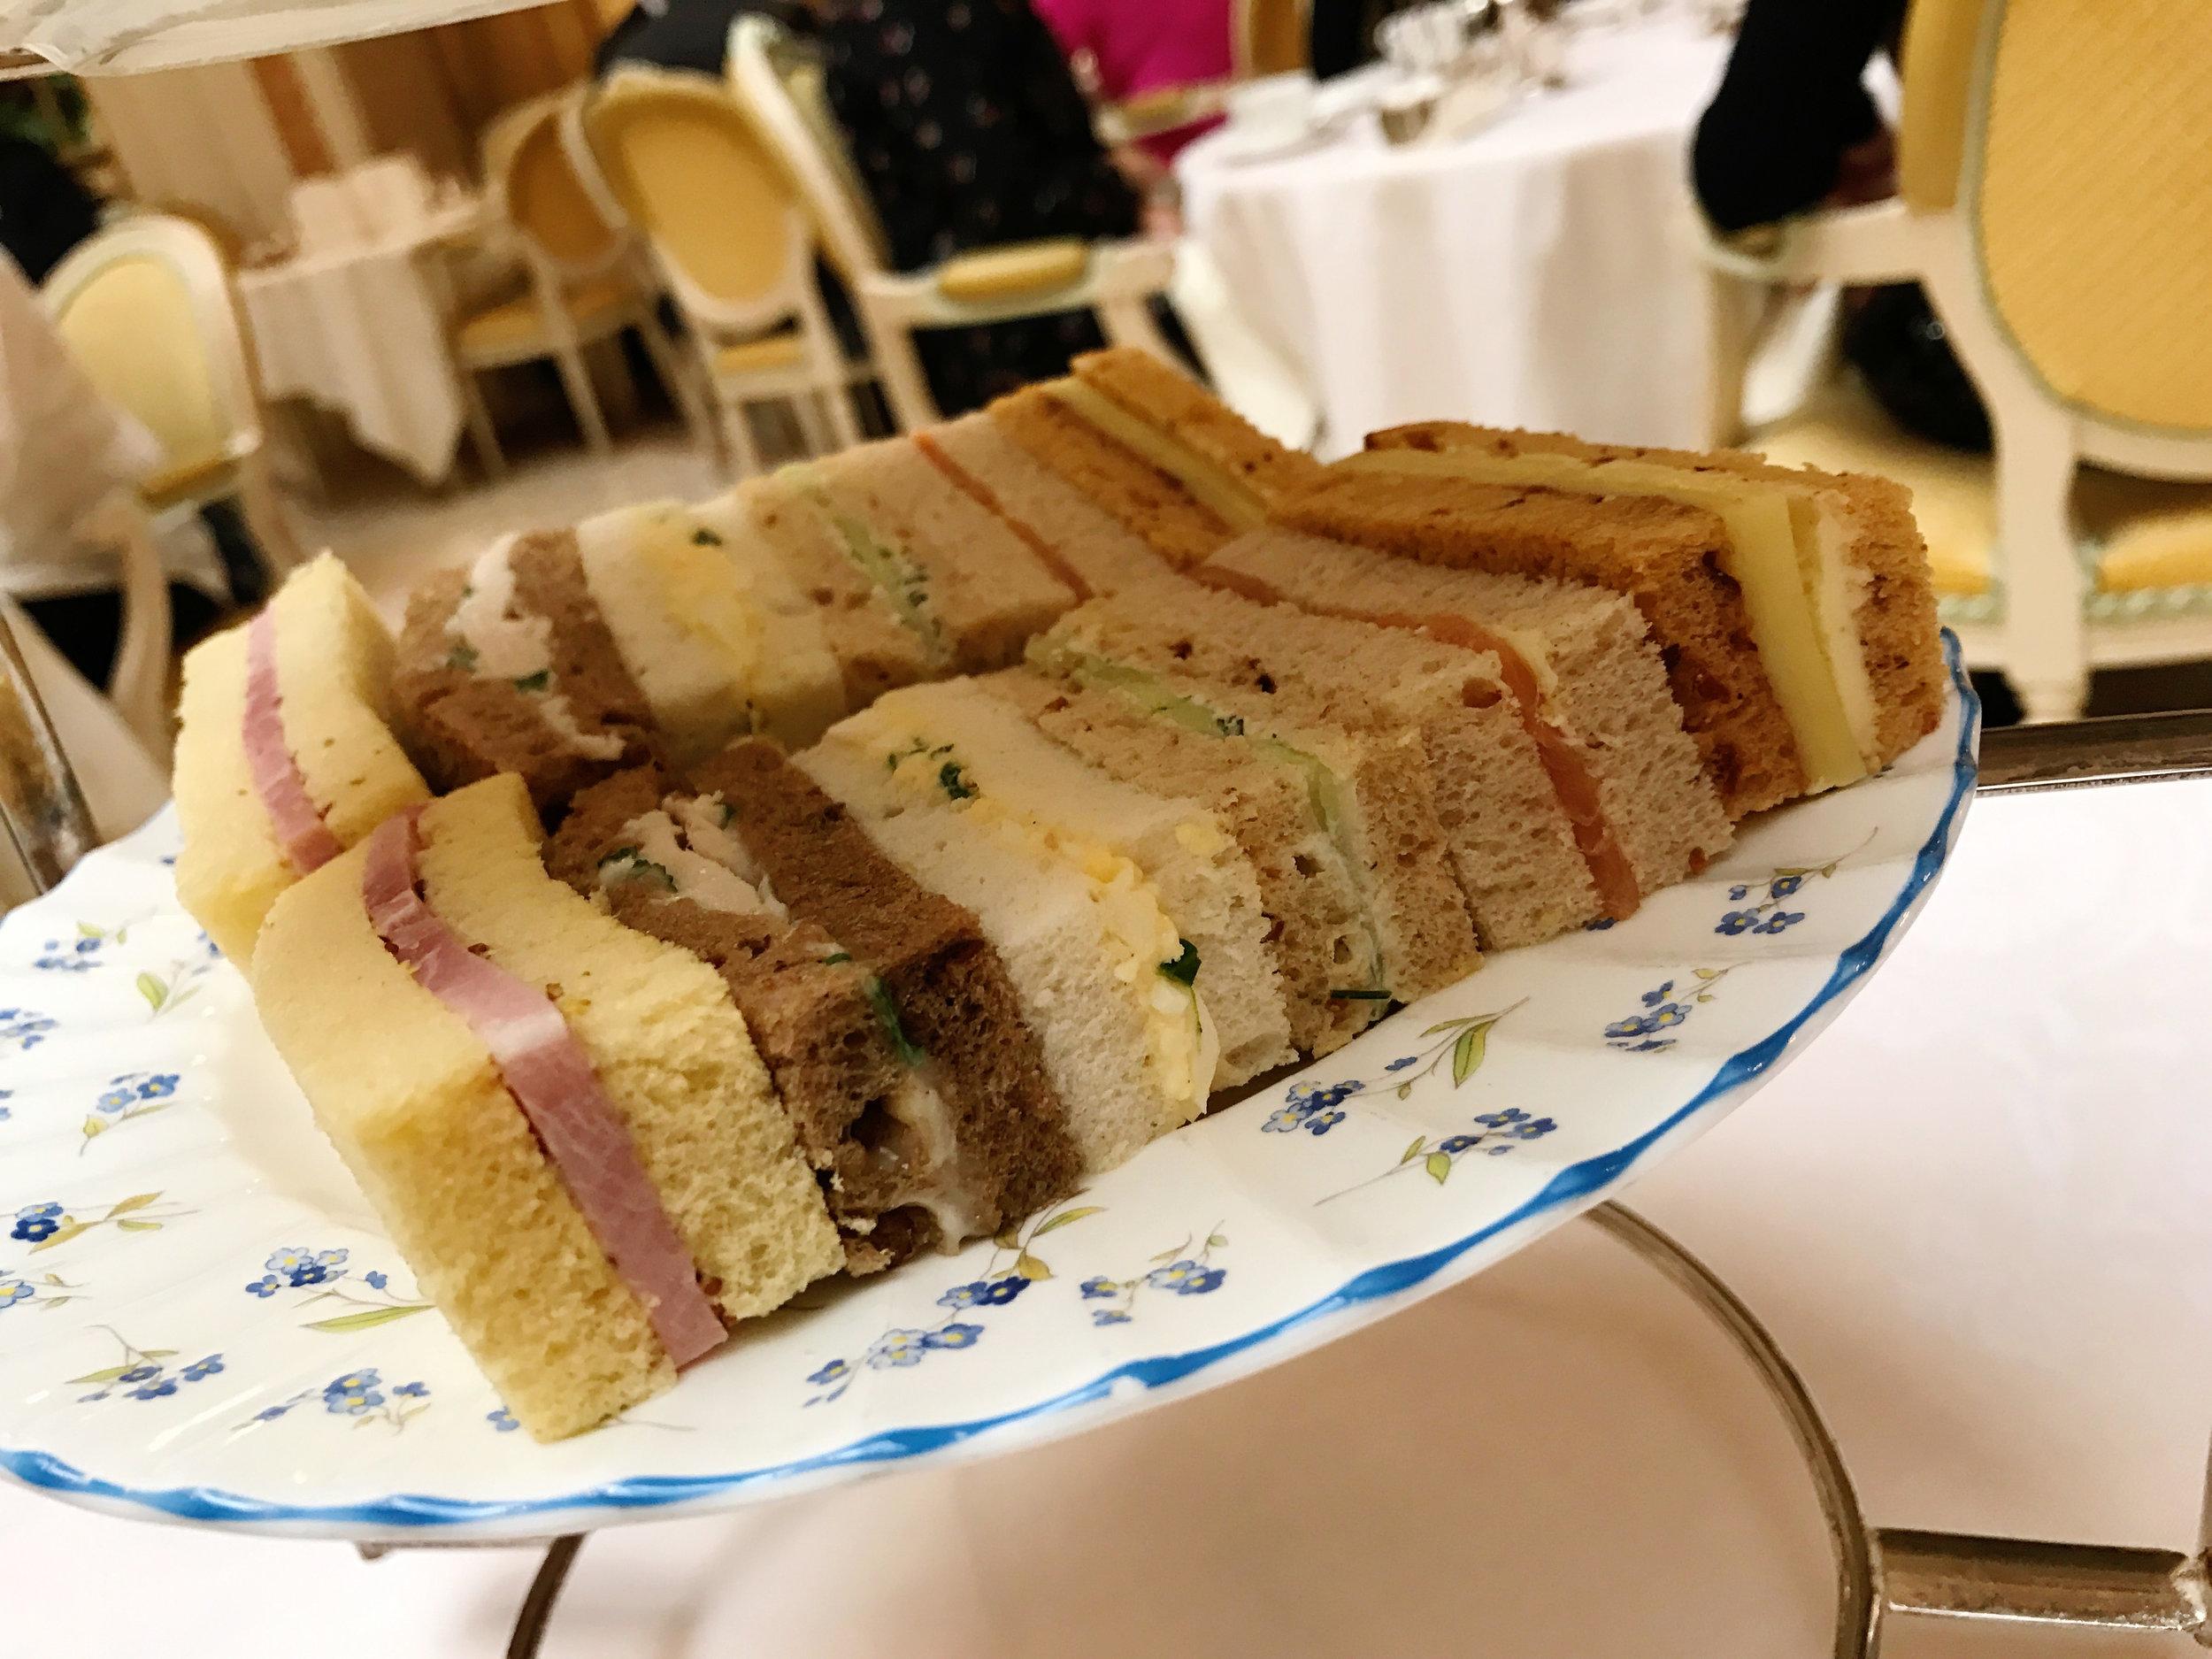 Adorable Tea Sandwiches at The Ritz London - #Kurtantravels London Travel Guide Part 2 - BySarahRae.com